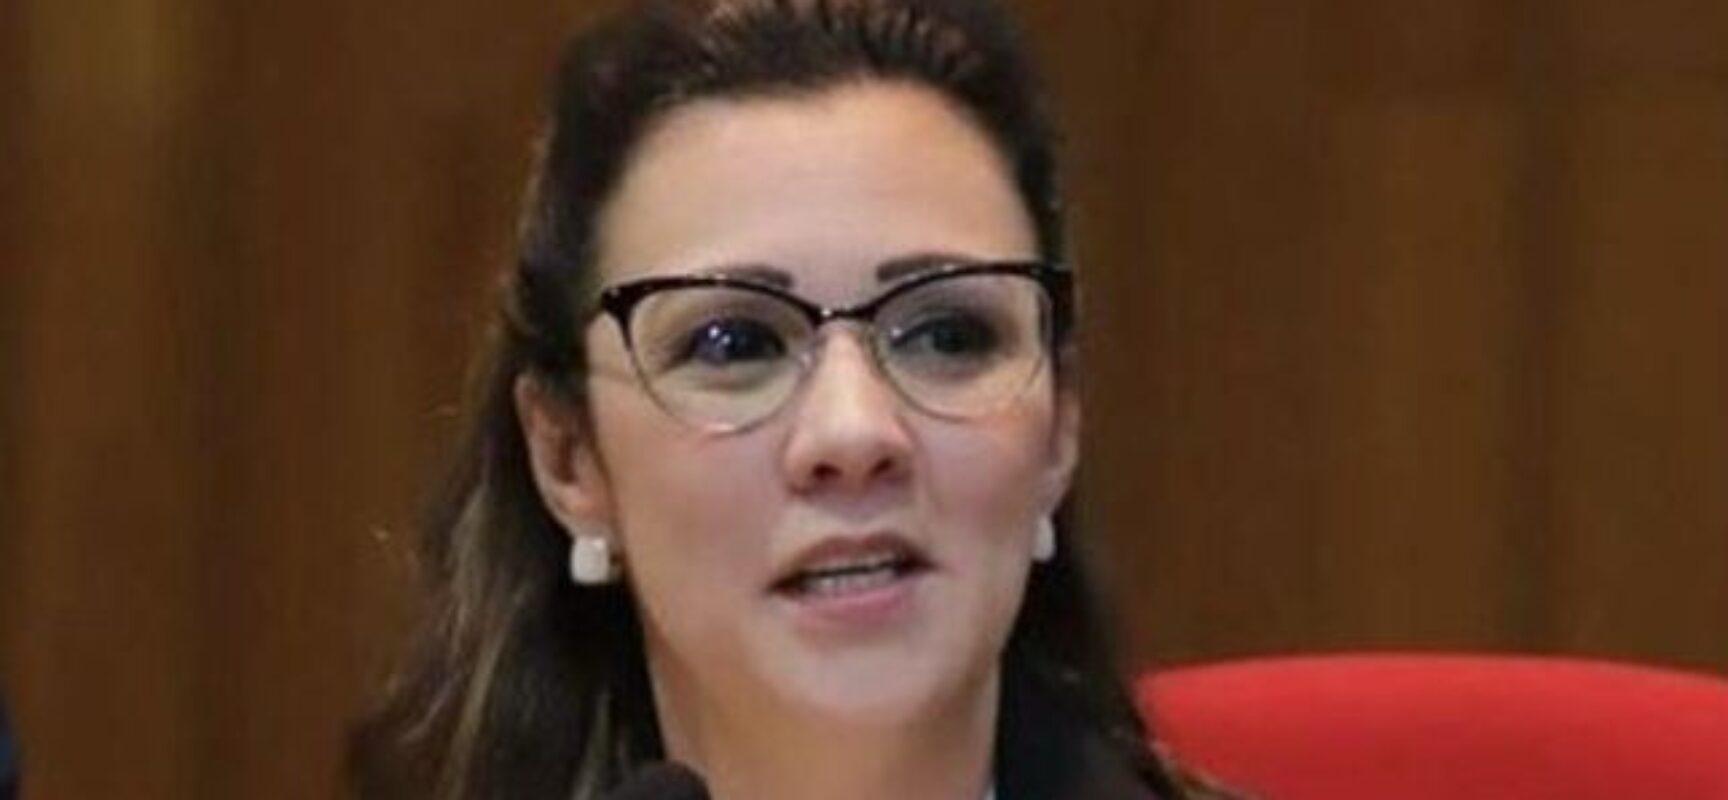 OAB reage à convocação de advogada de Bolsonaro pela CPI